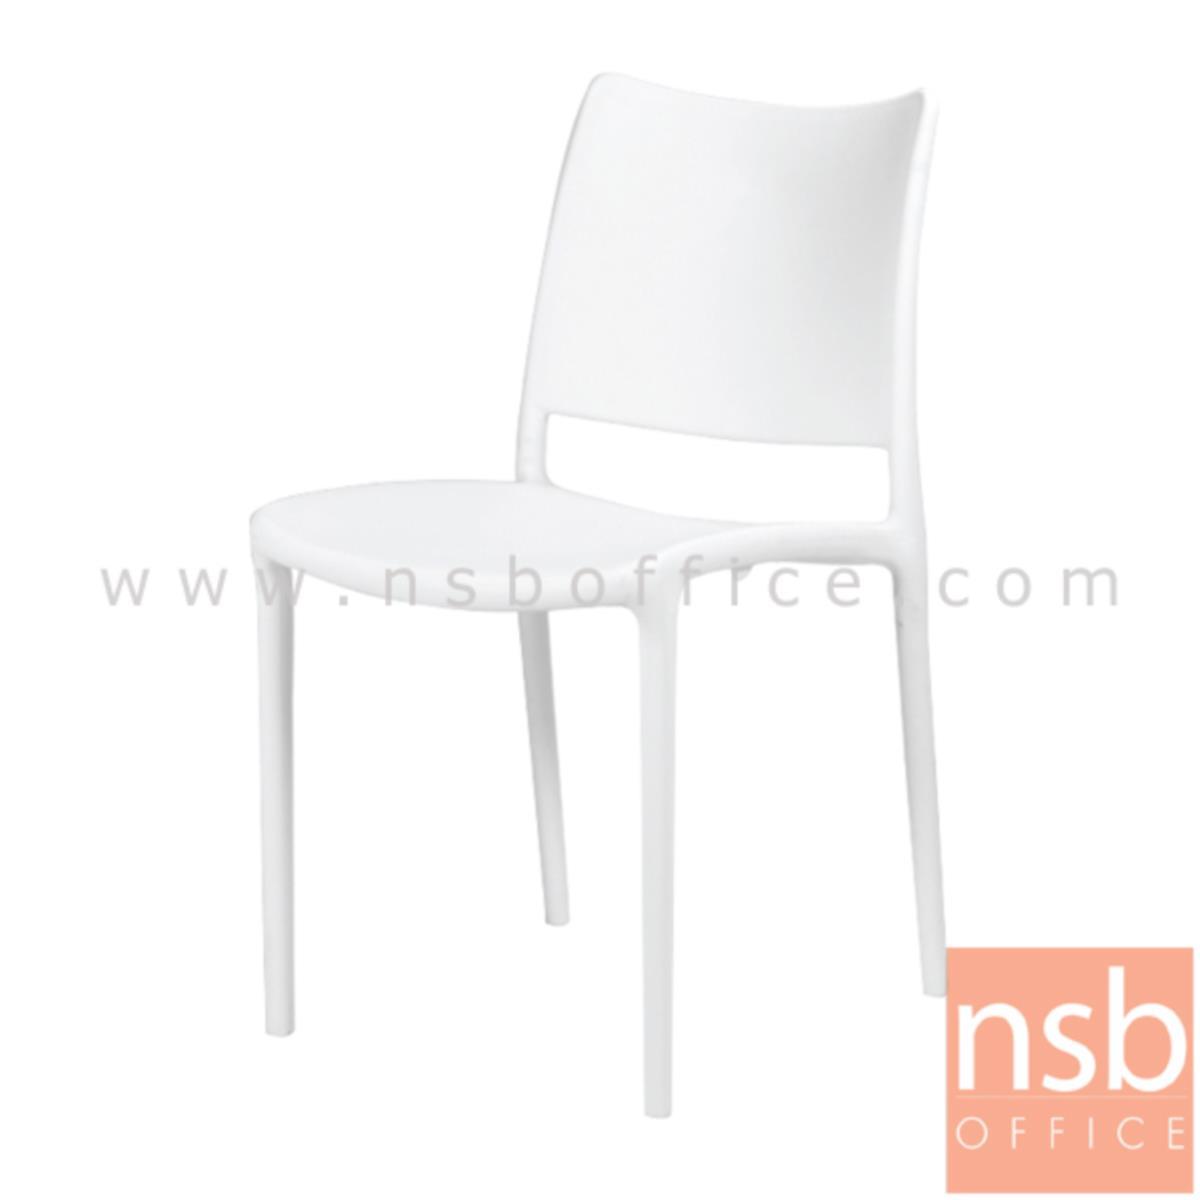 เก้าอี้โมเดิร์นพลาสติกโพลี่(PP)ล้วน รุ่น PP9225 ขนาด 44W cm.